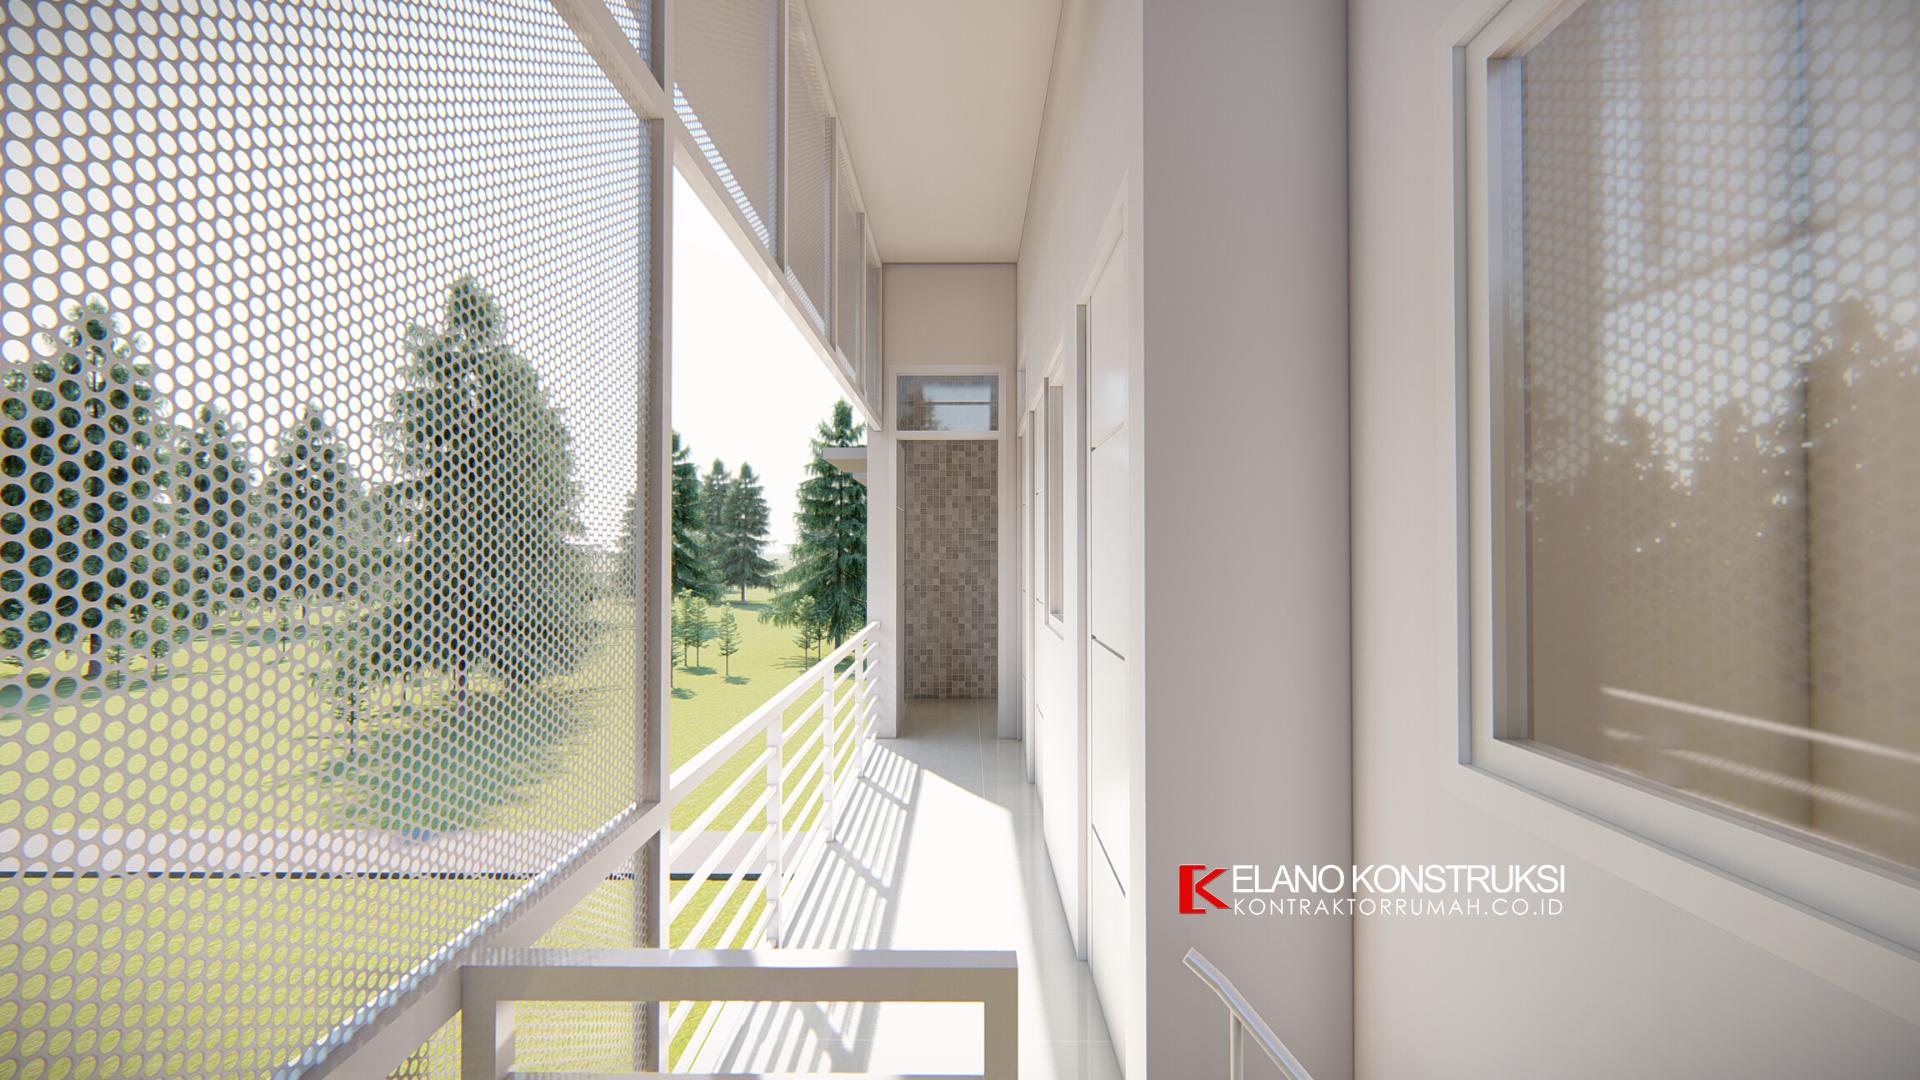 Untitled design 9 - Desain Rumah Kos Bapak Dede 72 M2 Jakarta Selatan